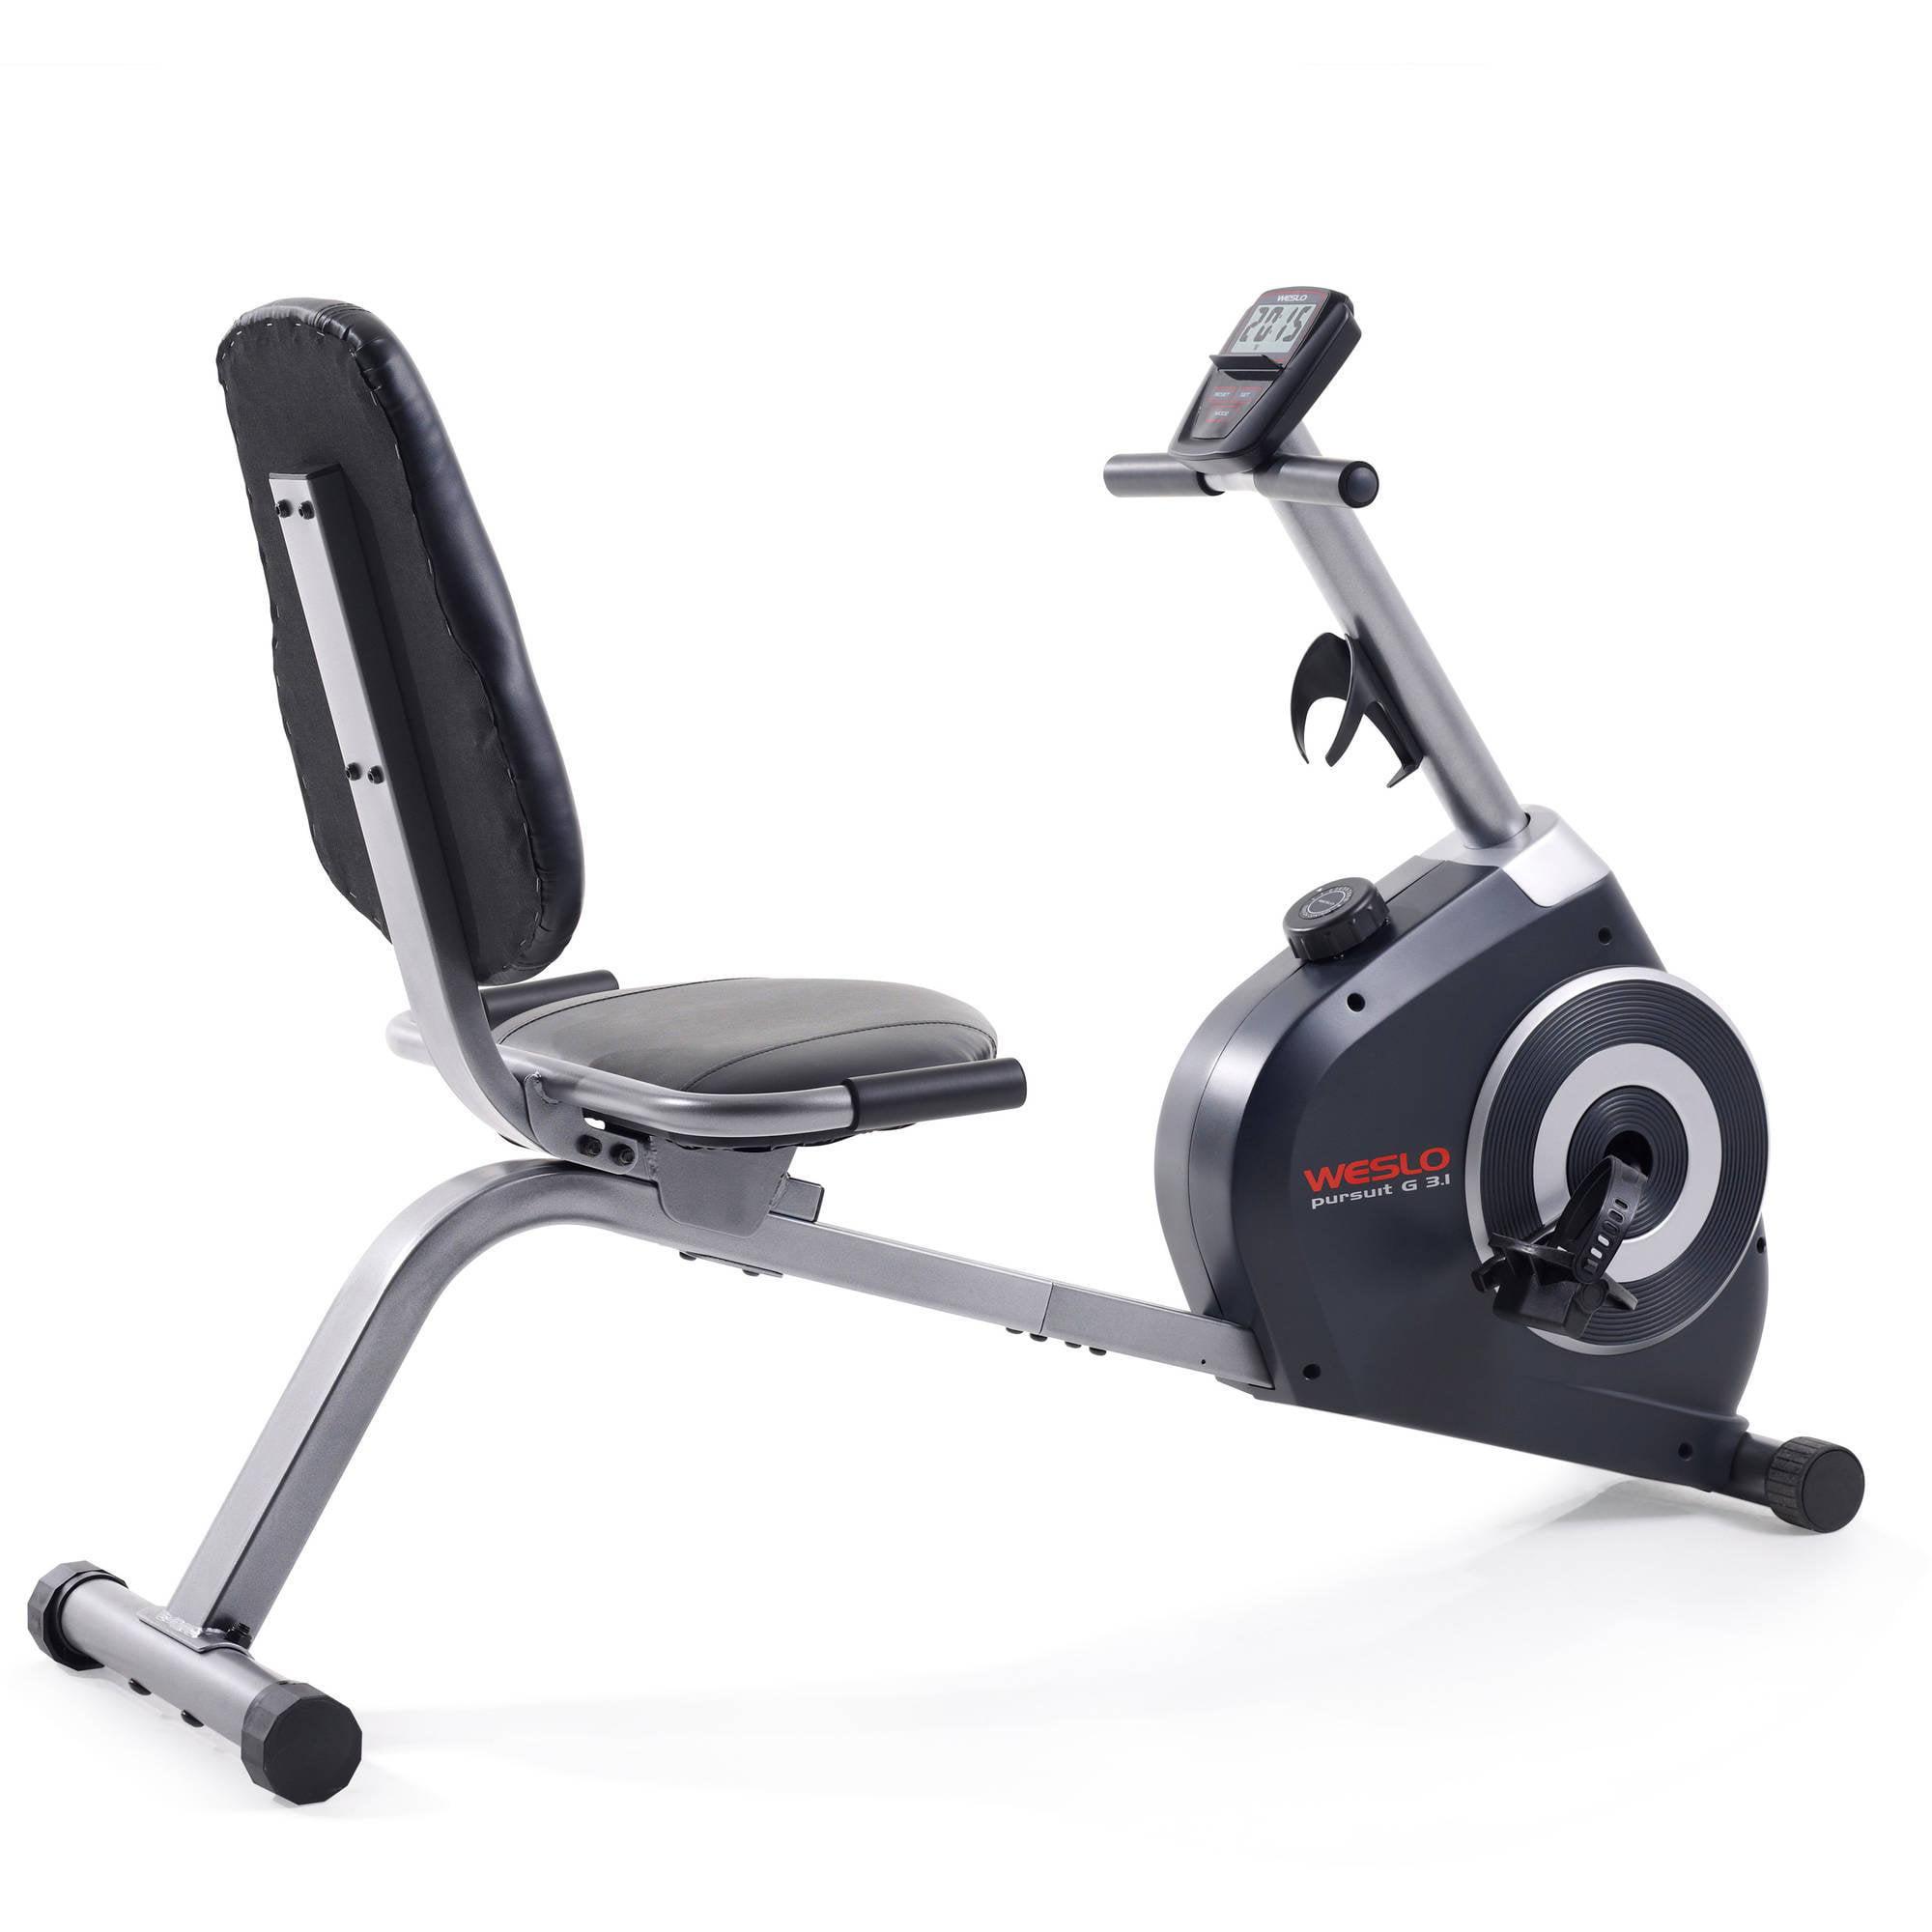 Weslo exercise bike walmart